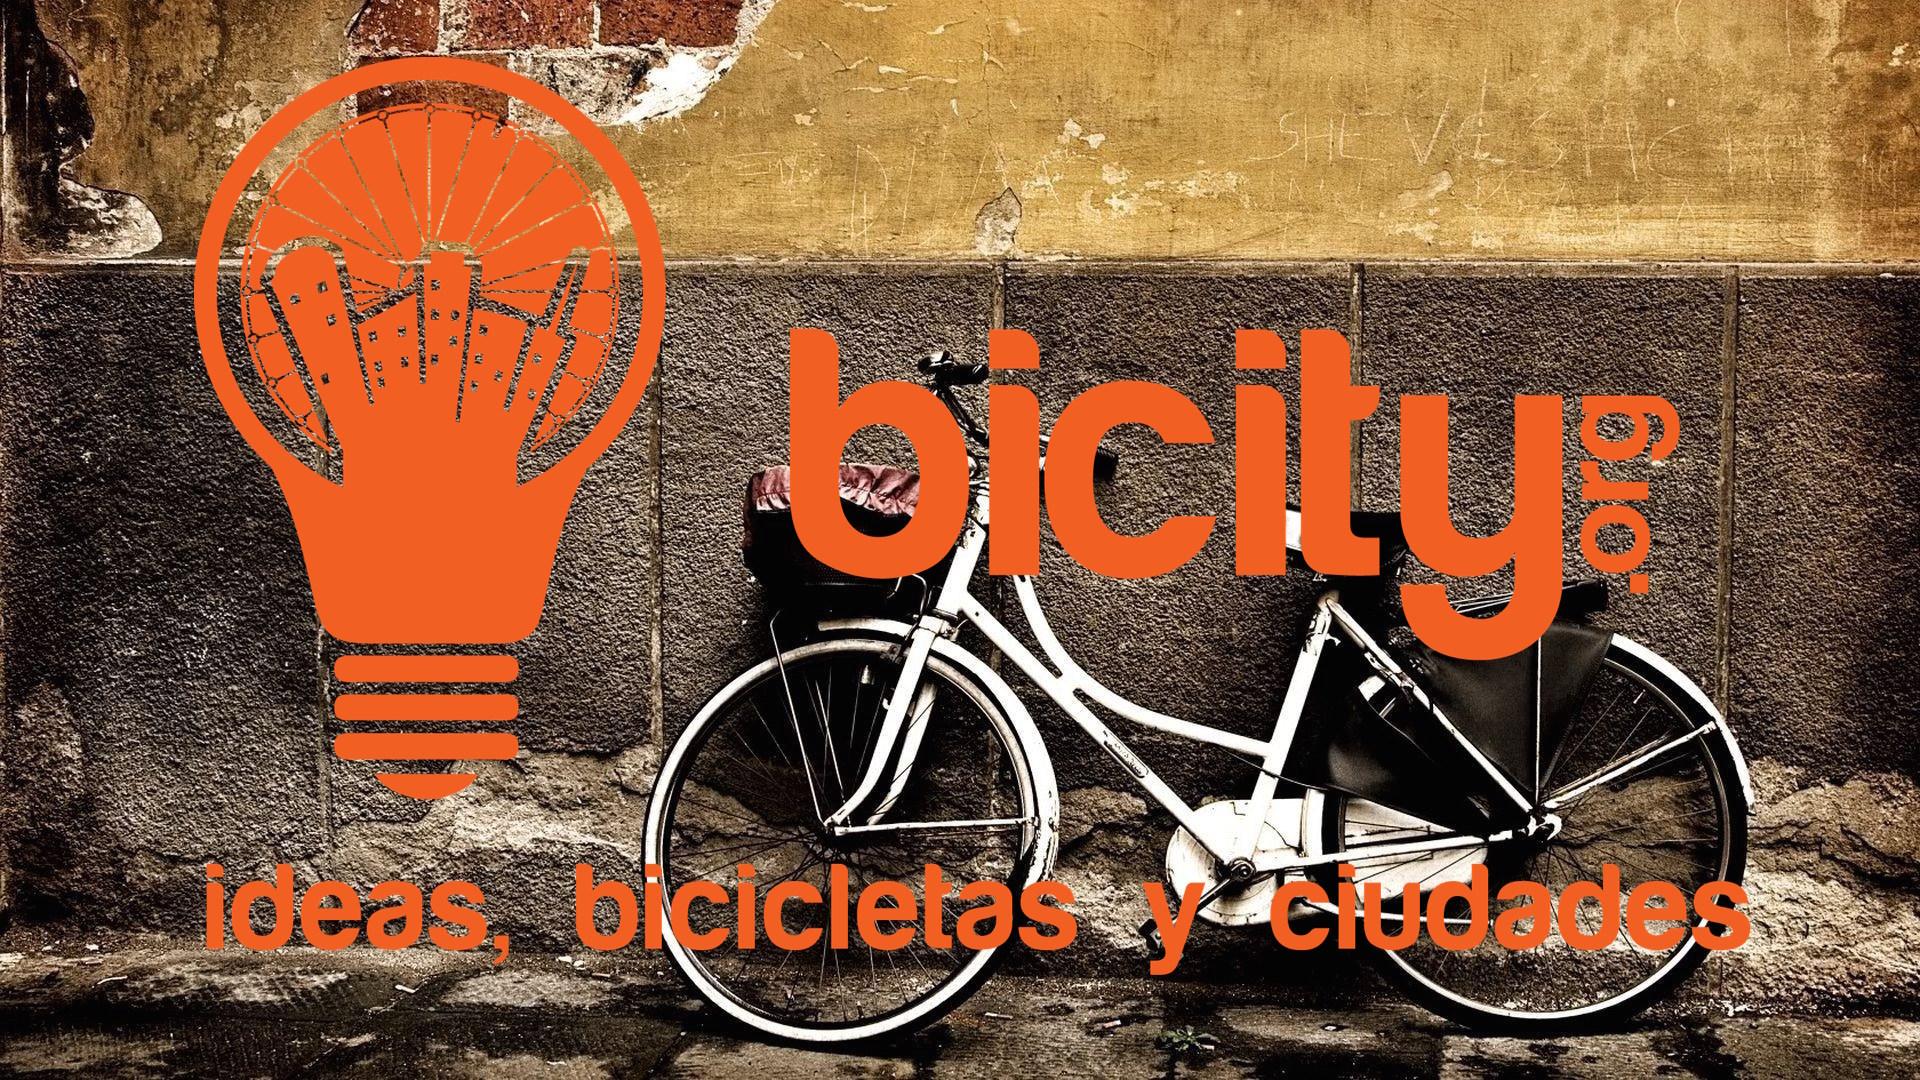 banner_bicity_a